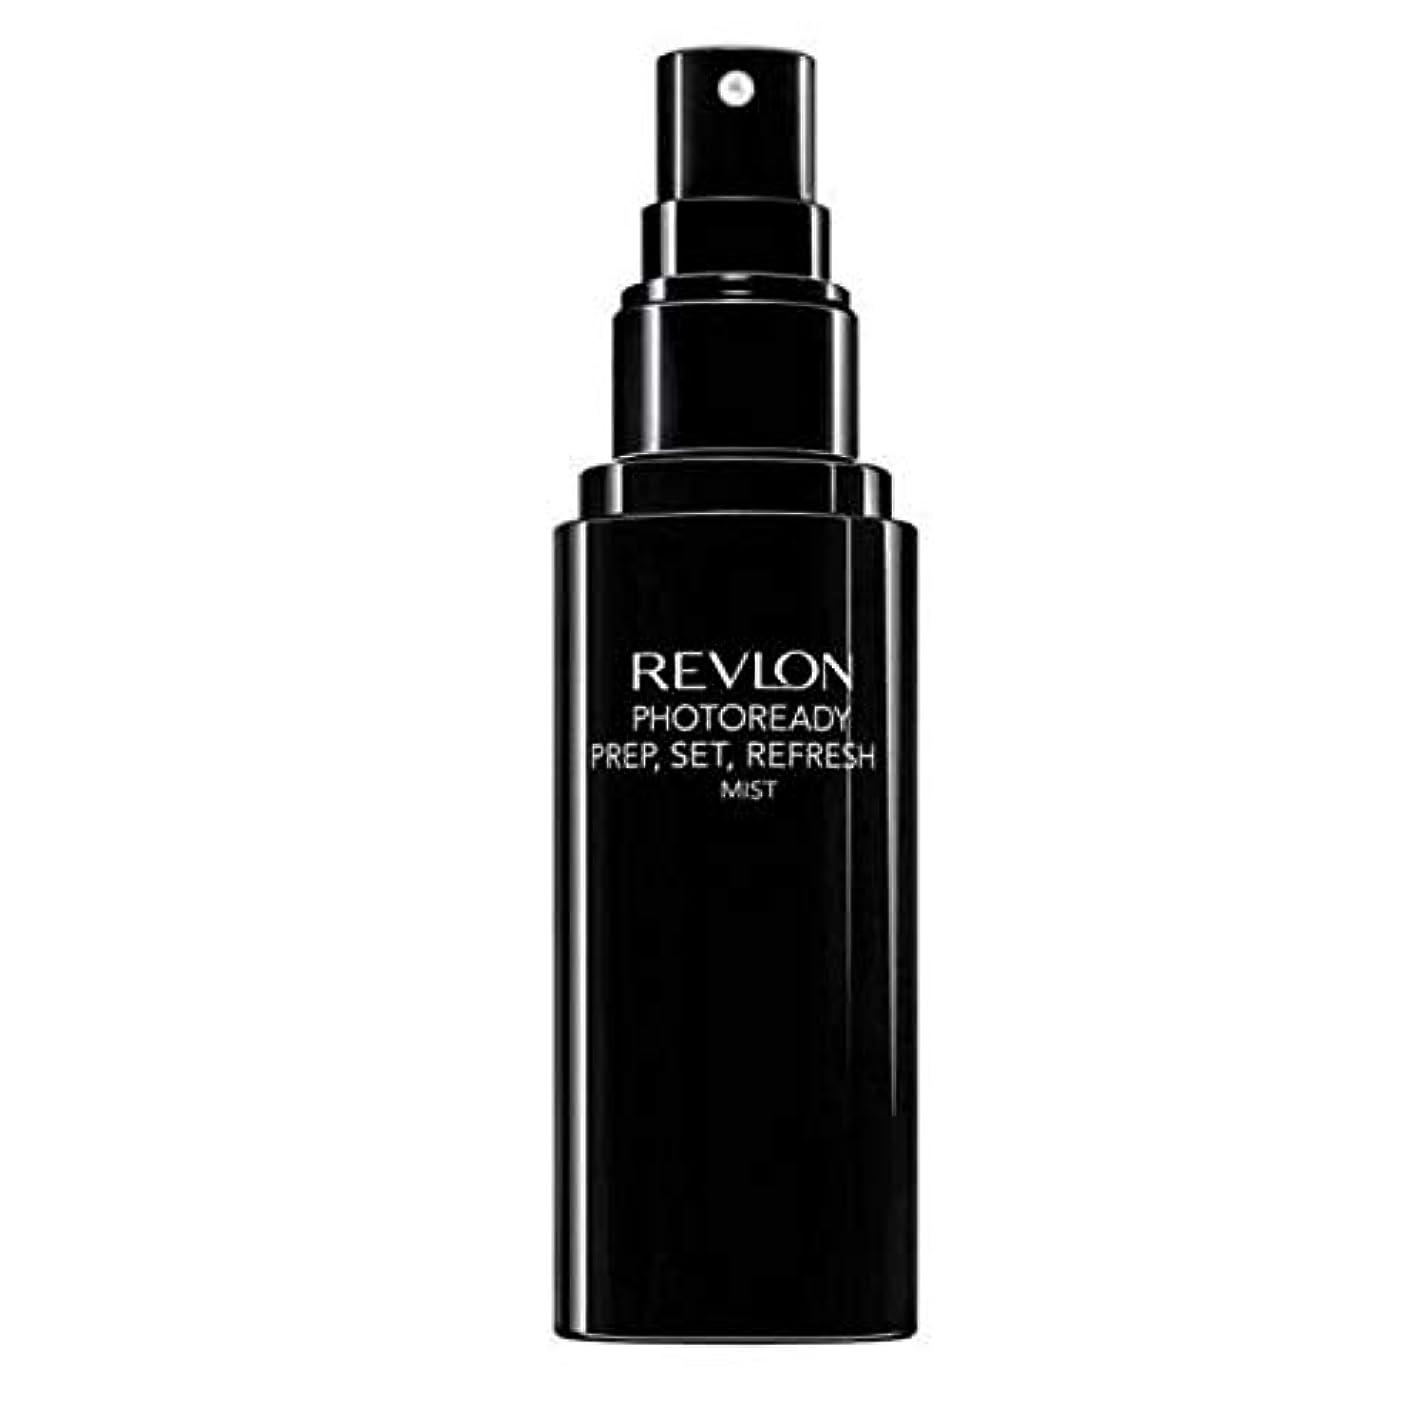 遺伝子ビート逃れる[Revlon ] レブロンPhotoready準備、セット、リフレッシュミスト - Revlon PhotoReady Prep, Set, Refresh Mist [並行輸入品]